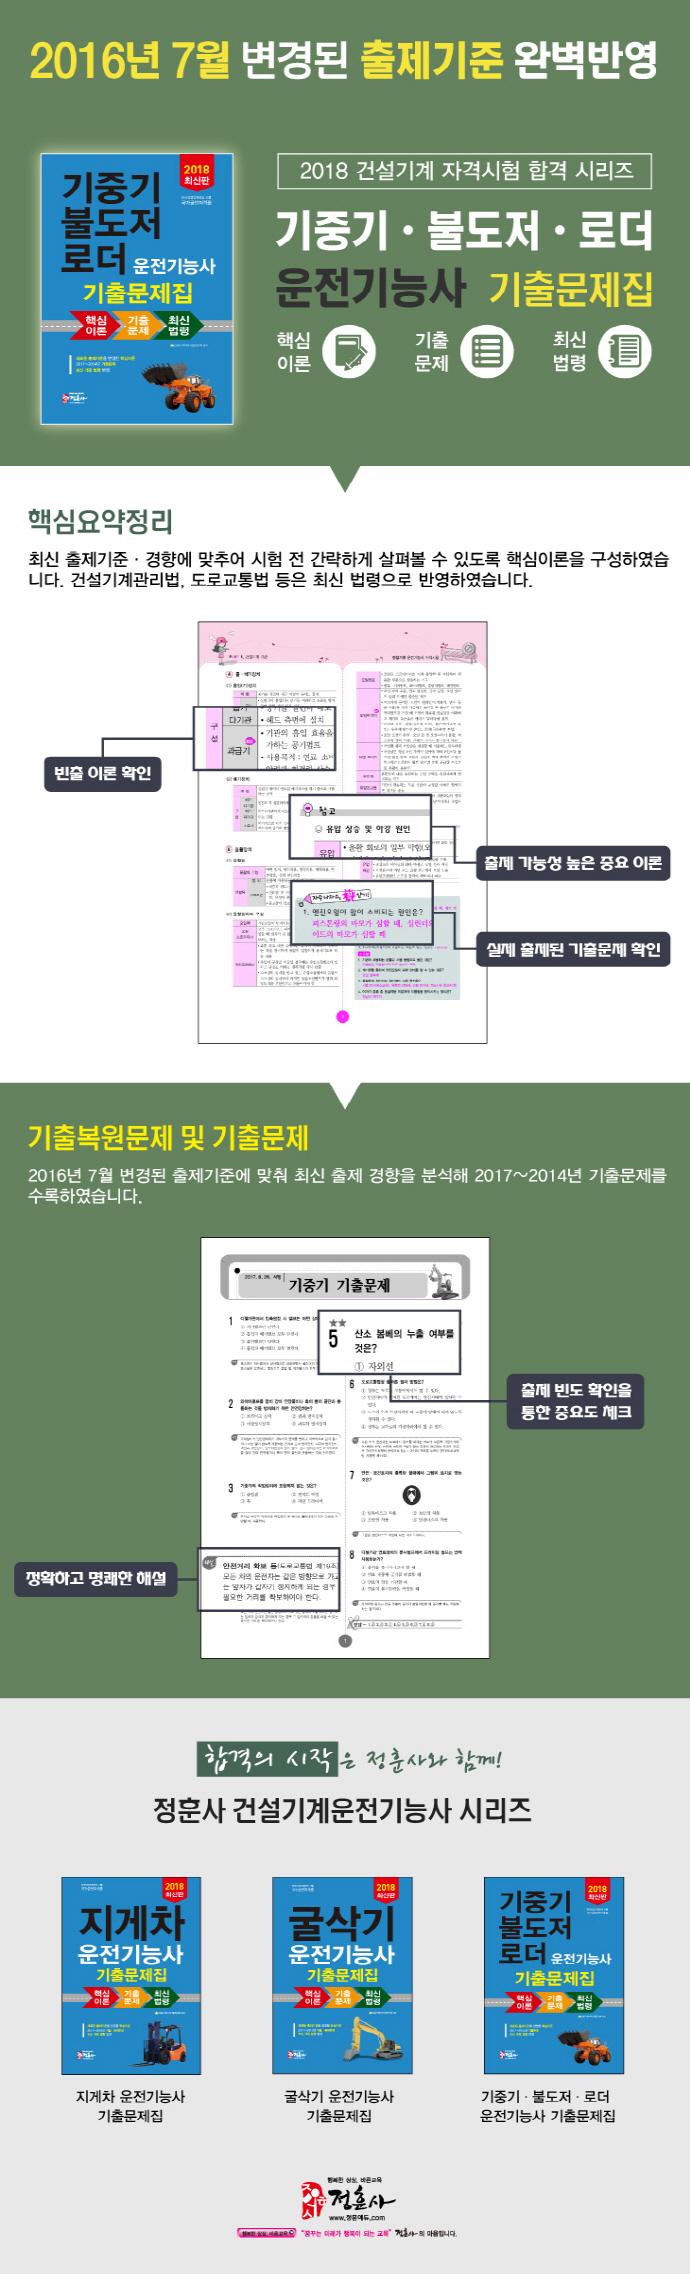 기중기 불도저 로더 운전기능사 기출문제집(2018)(8절) 도서 상세이미지